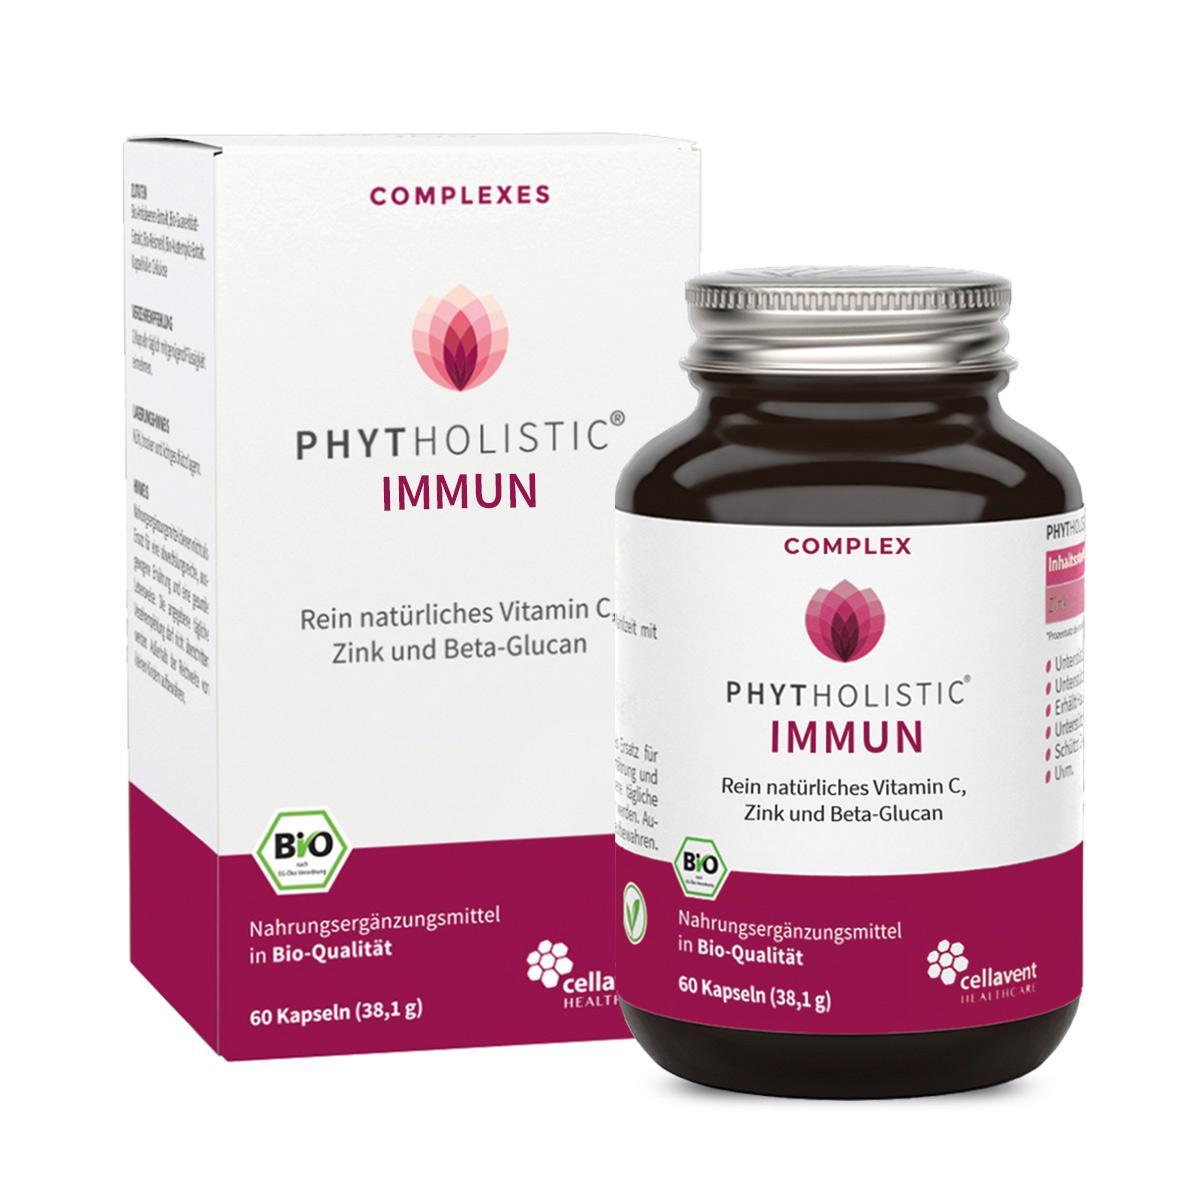 immun-kapseln-bio-rein-pflanzlich-phytholistic-60-stueck-verpackung-vorne-1200x1200